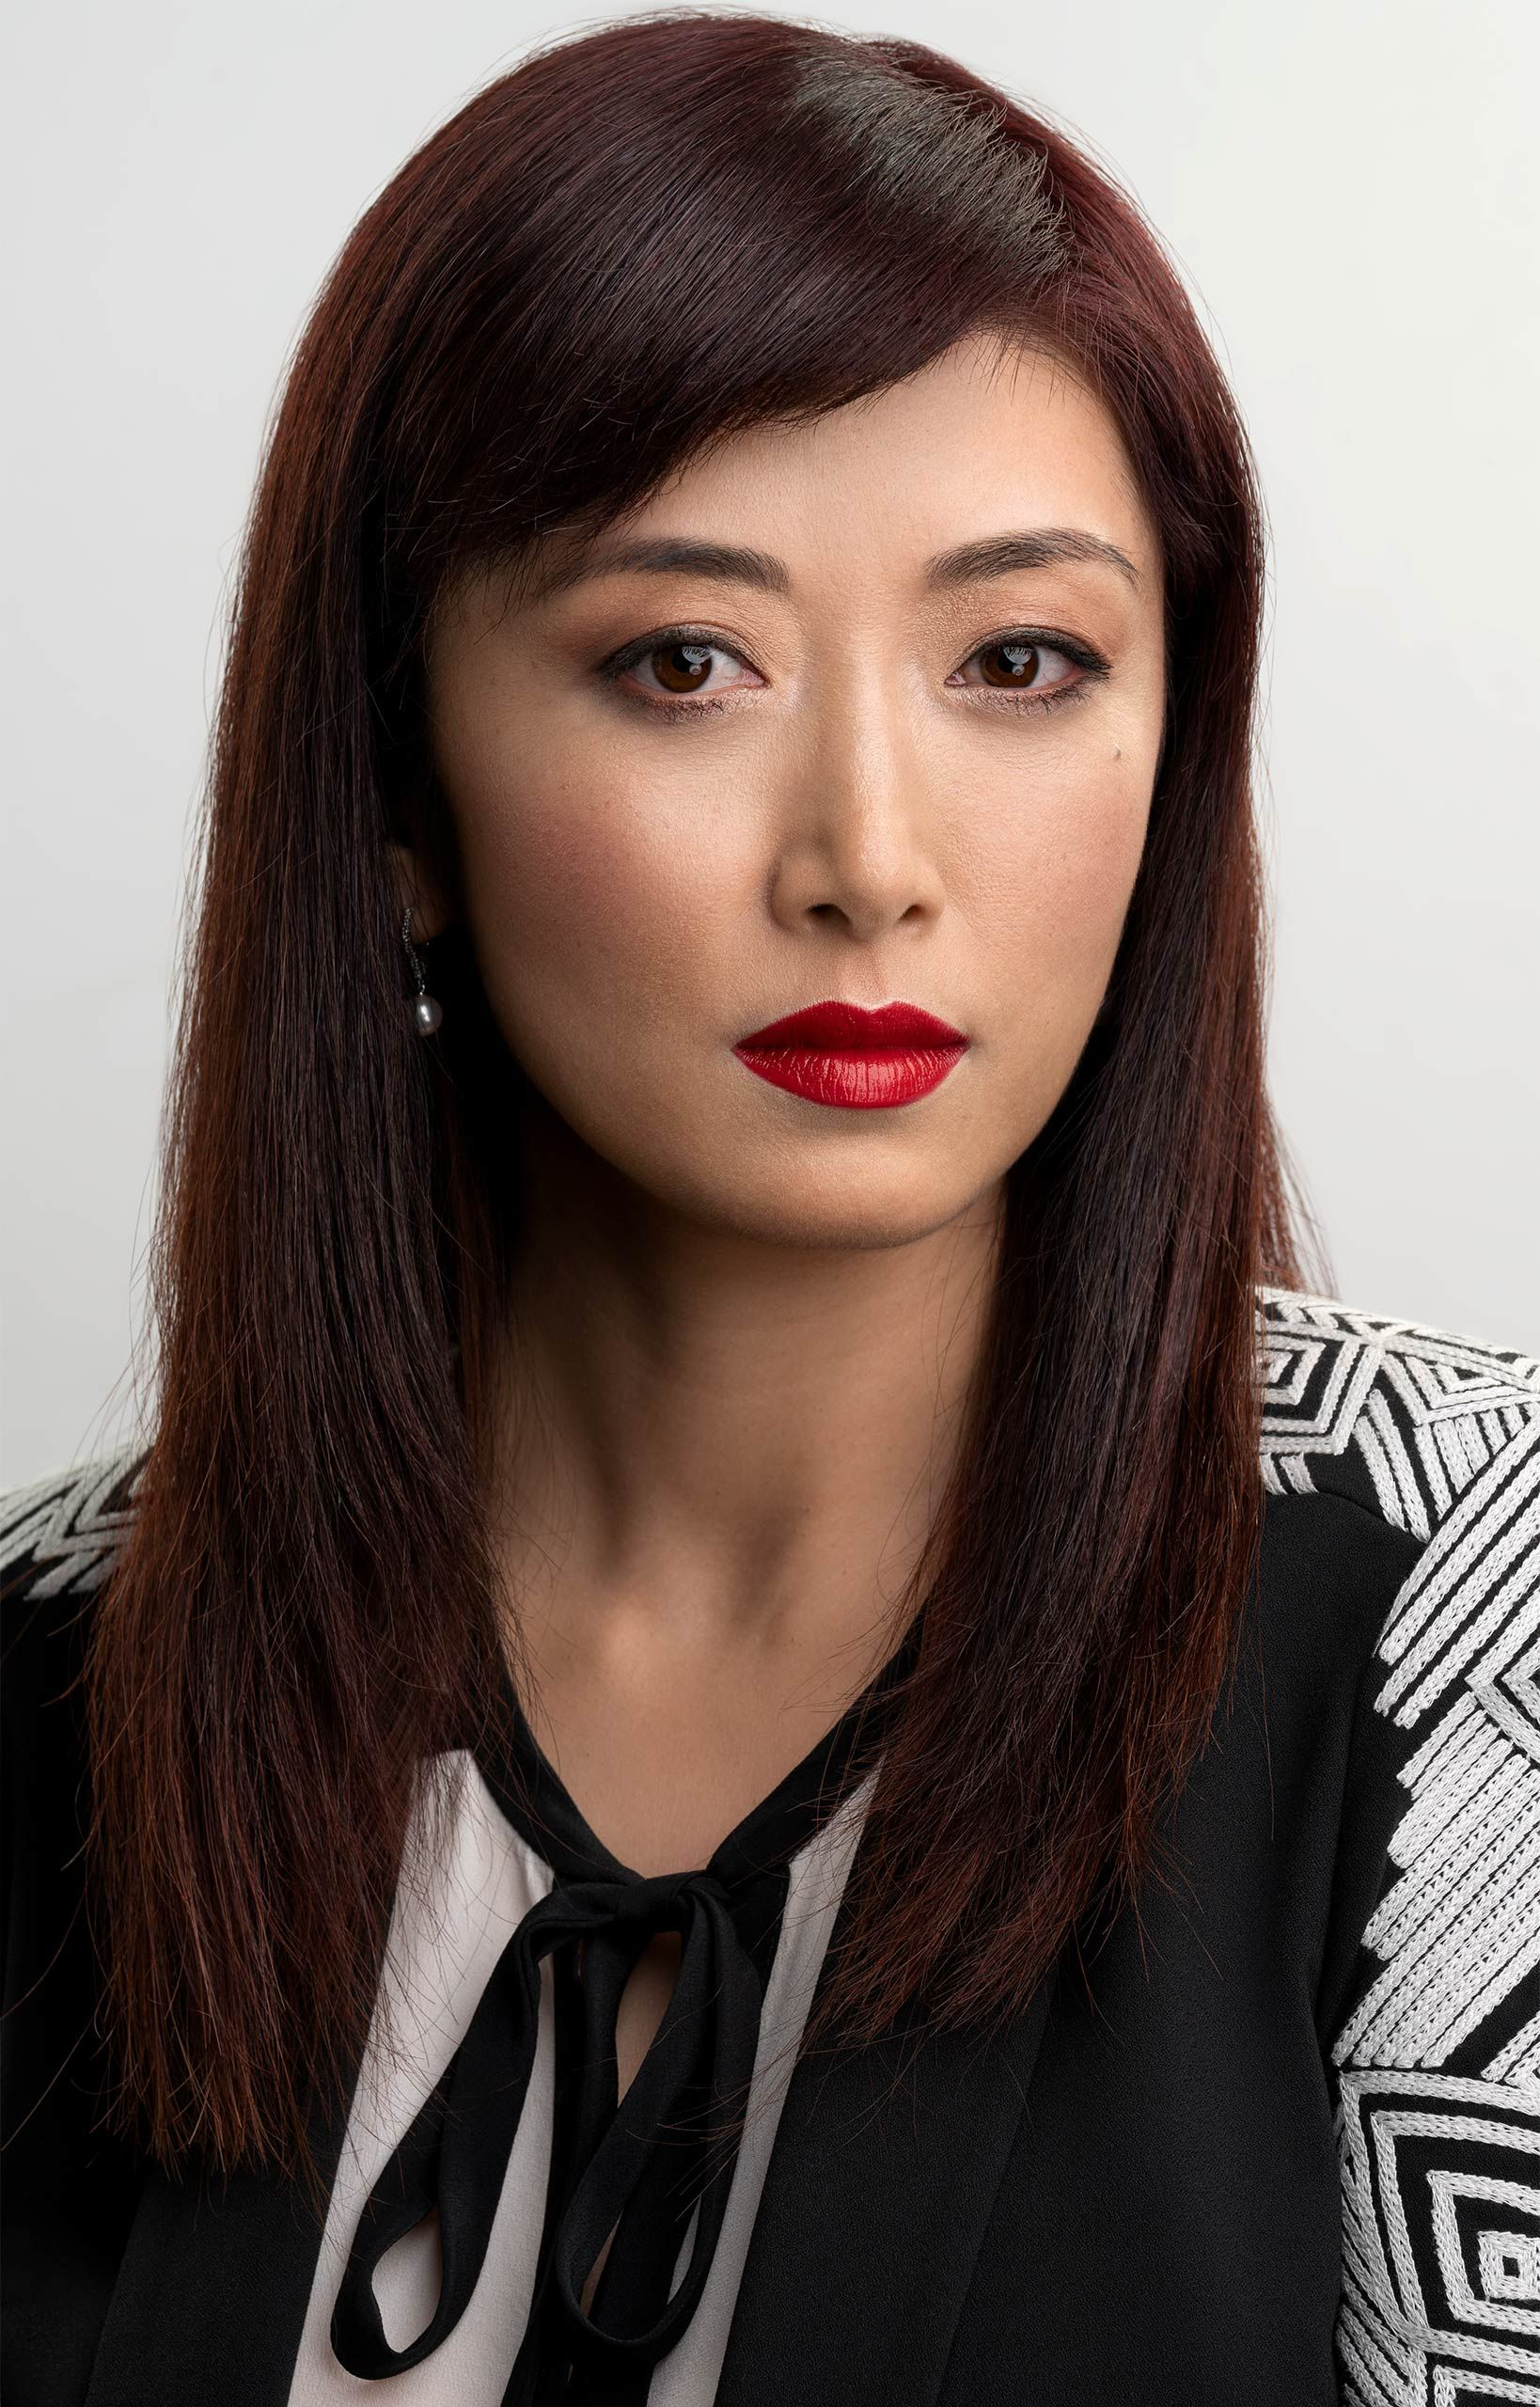 Quinn Zheng